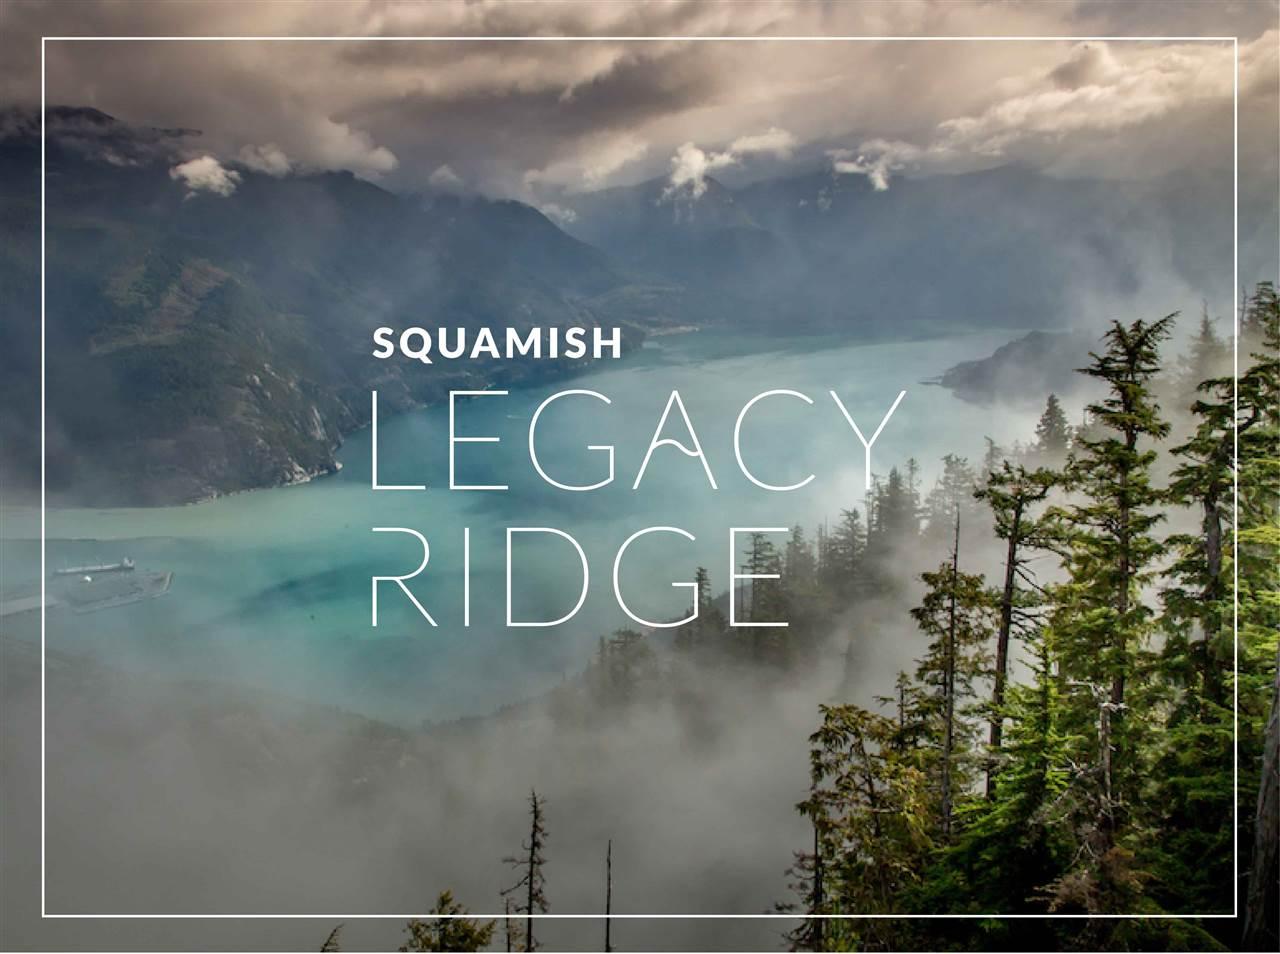 SL14 LEGACY RIDGE, Squamish, BC | MLS® # R2326395